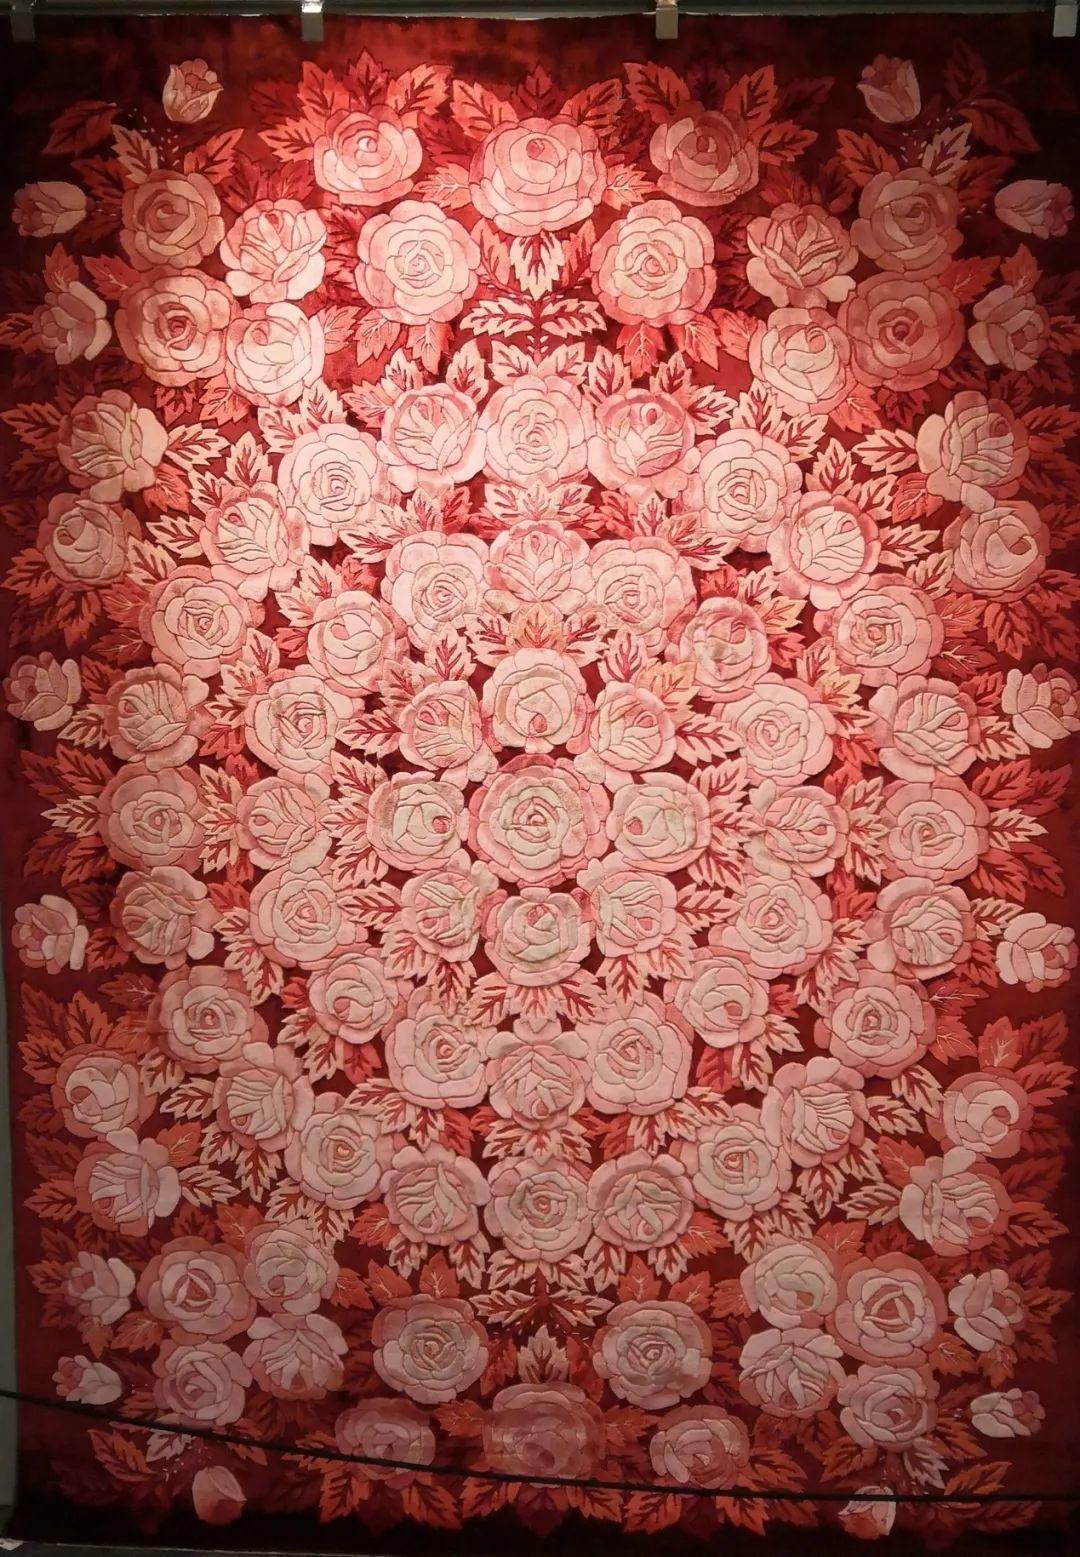 最特殊的丝织品,曾经惊艳了白居易